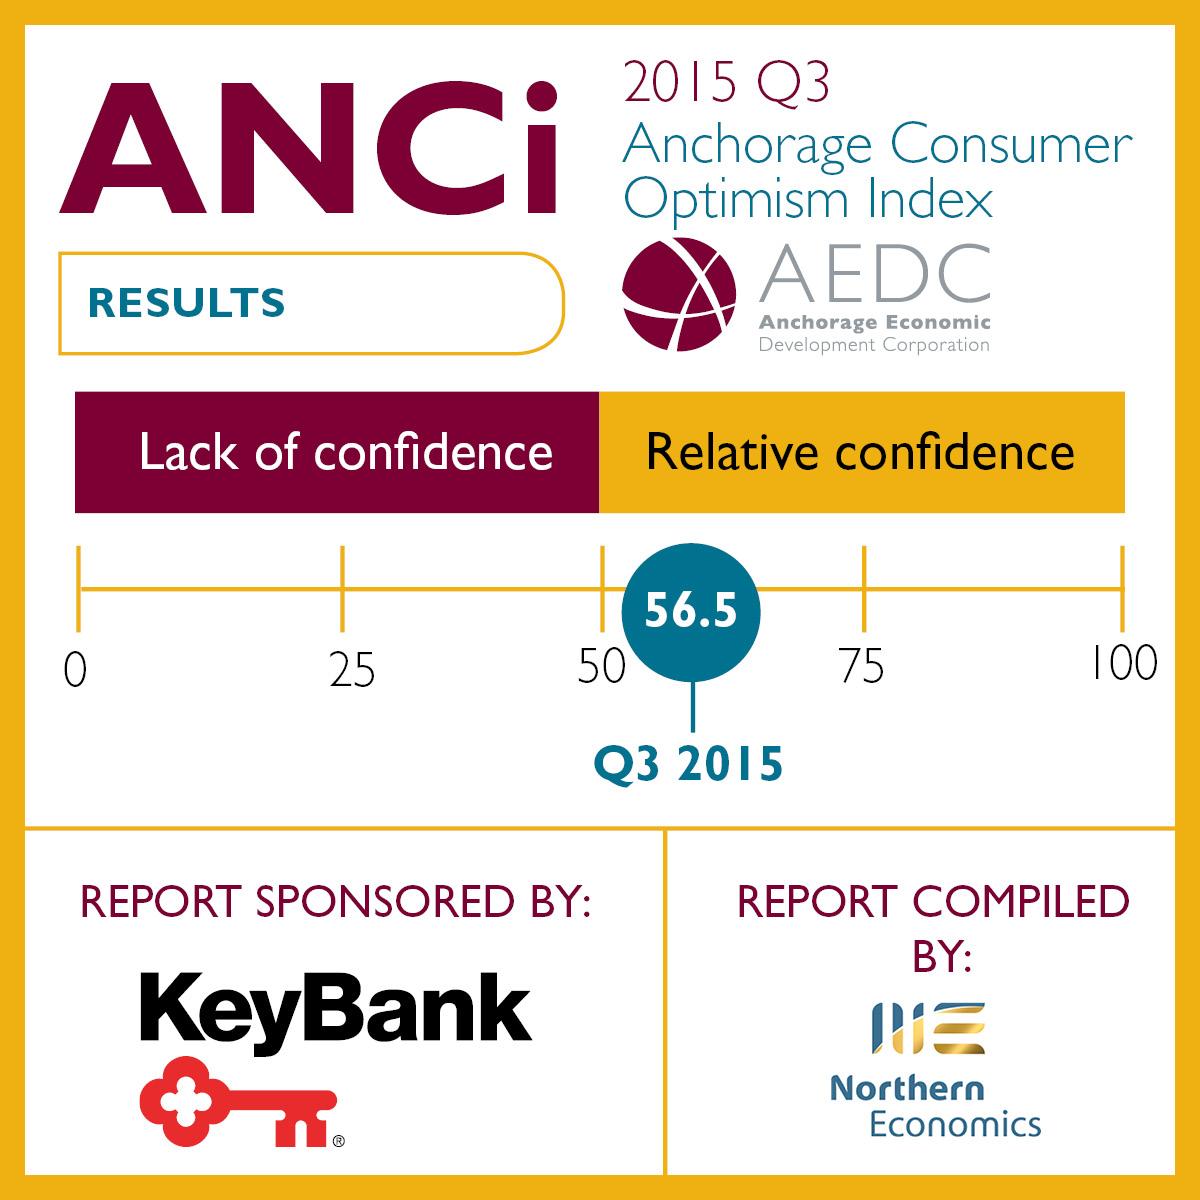 Anchorage Consumer Optimism Index: 2015 Q3